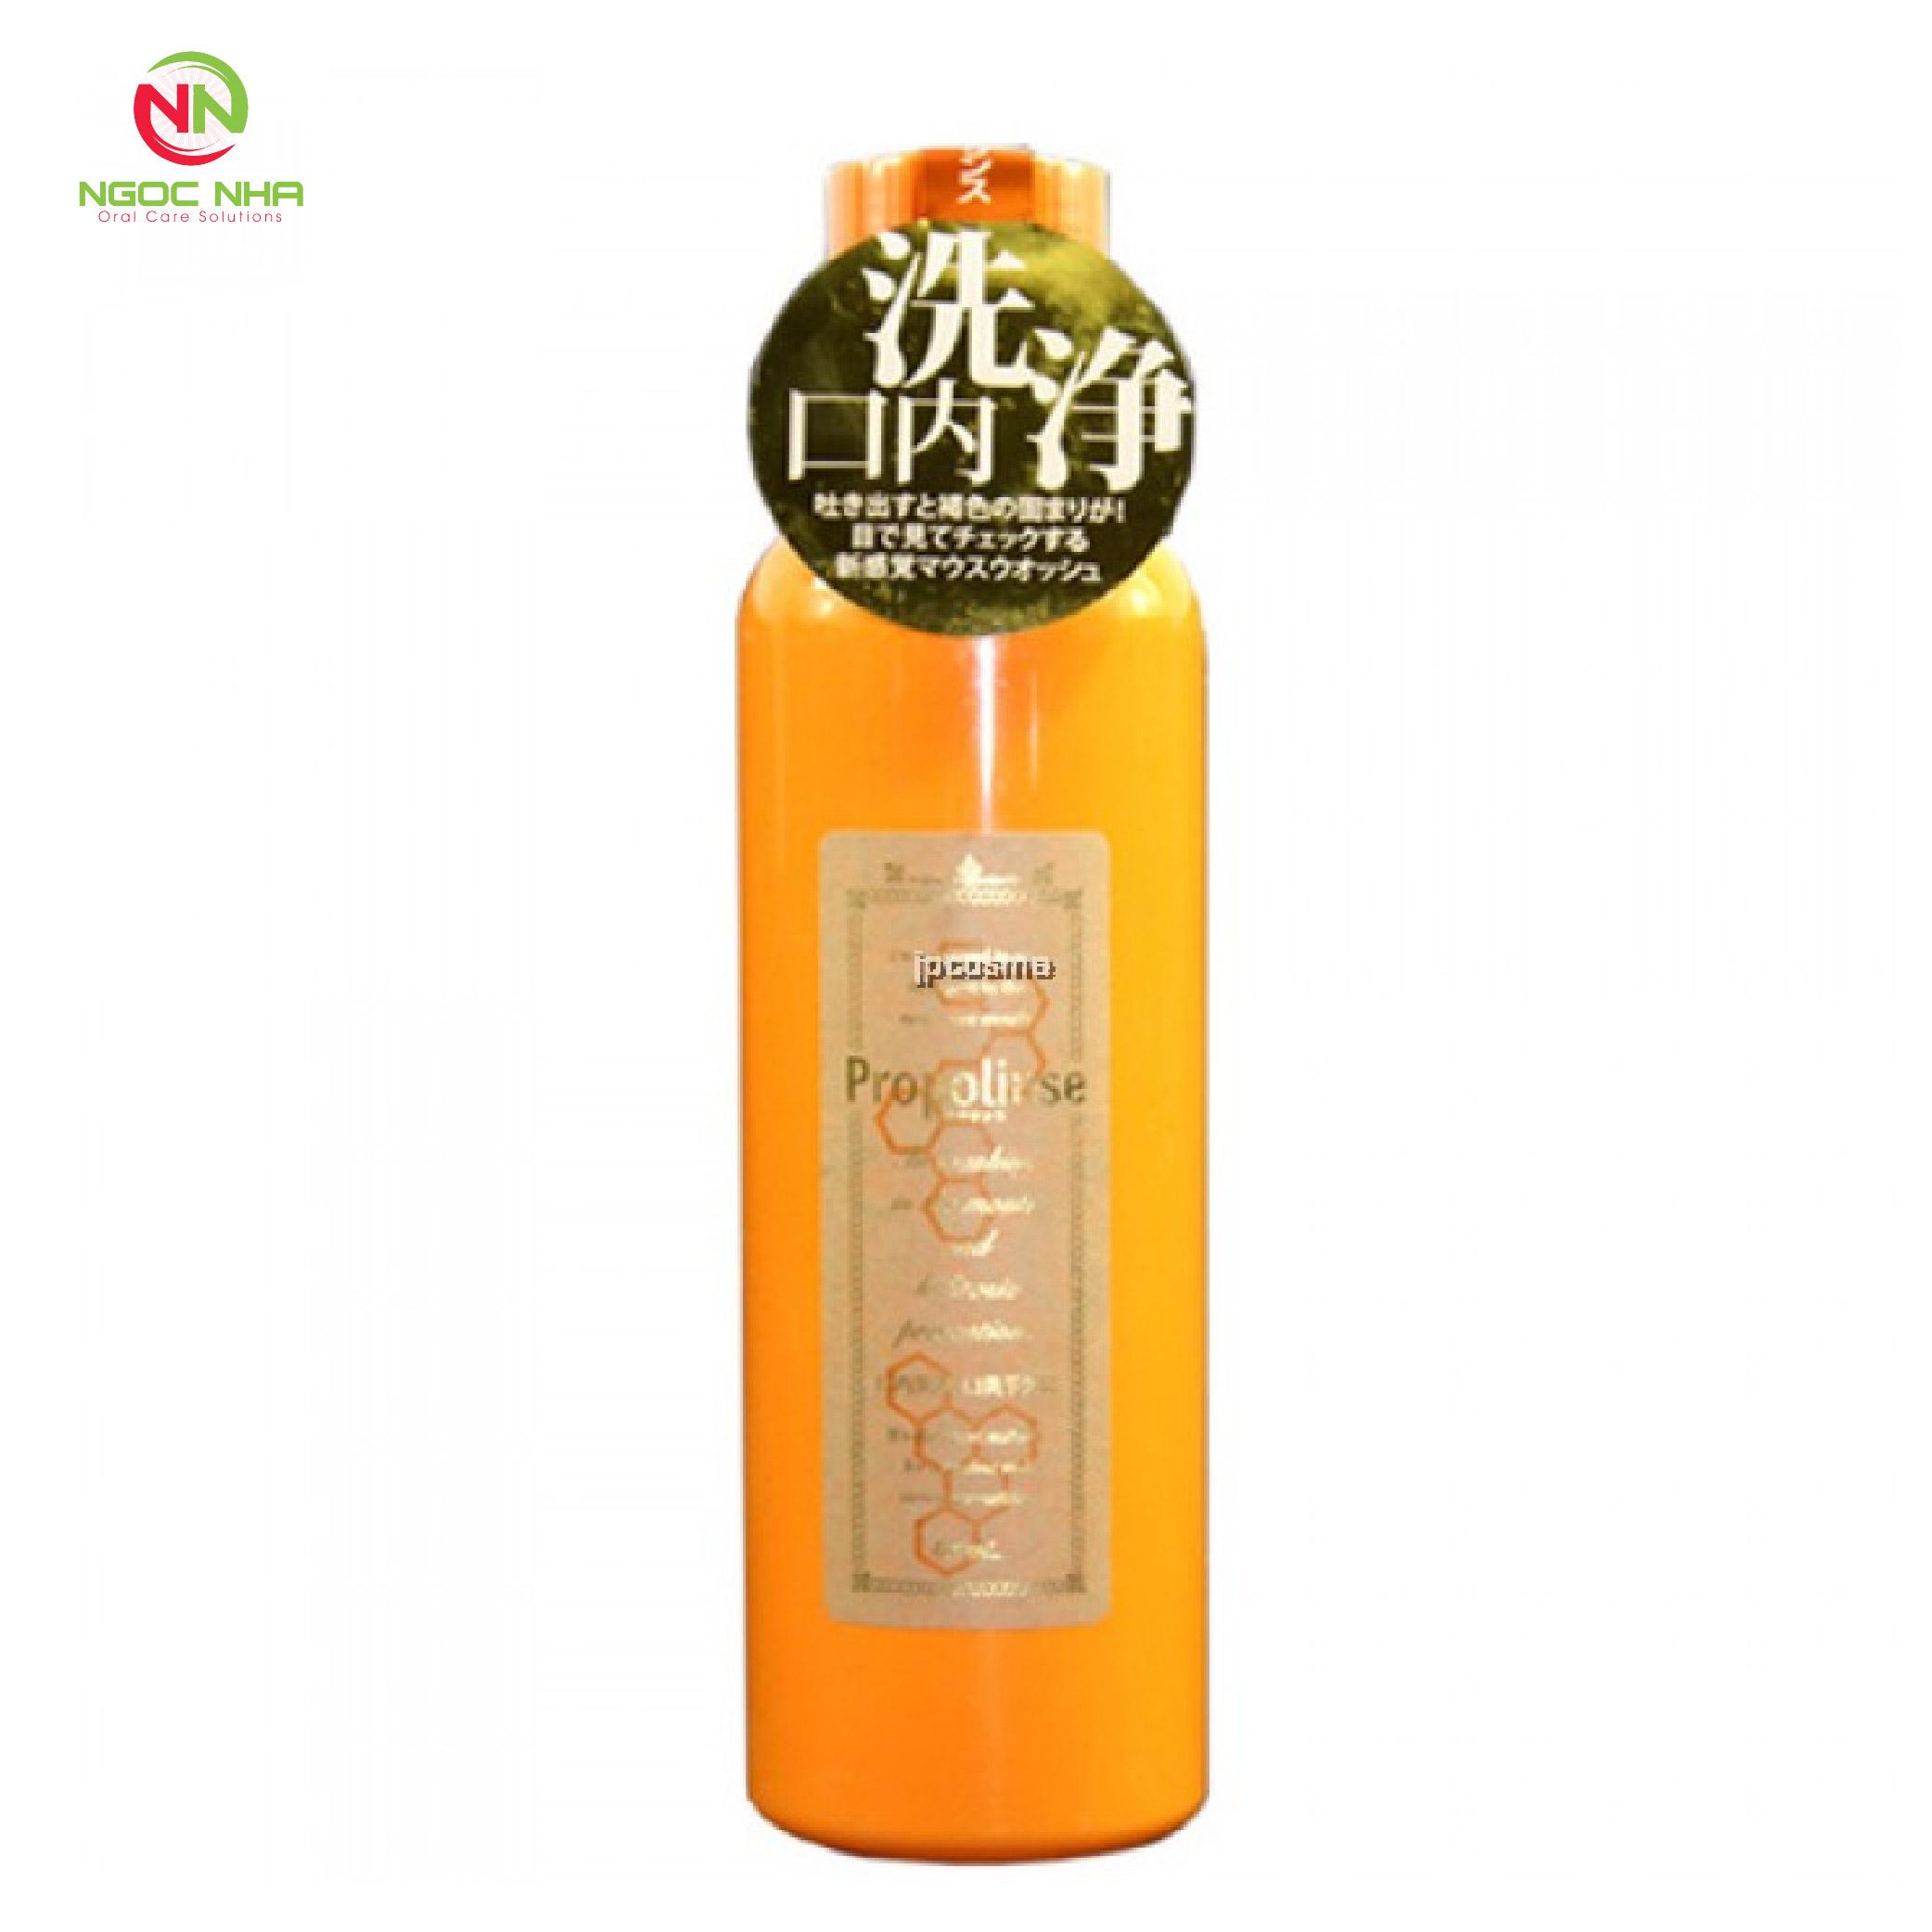 Nước súc miệng Propolinse chiết xuất sáp ong  600ml